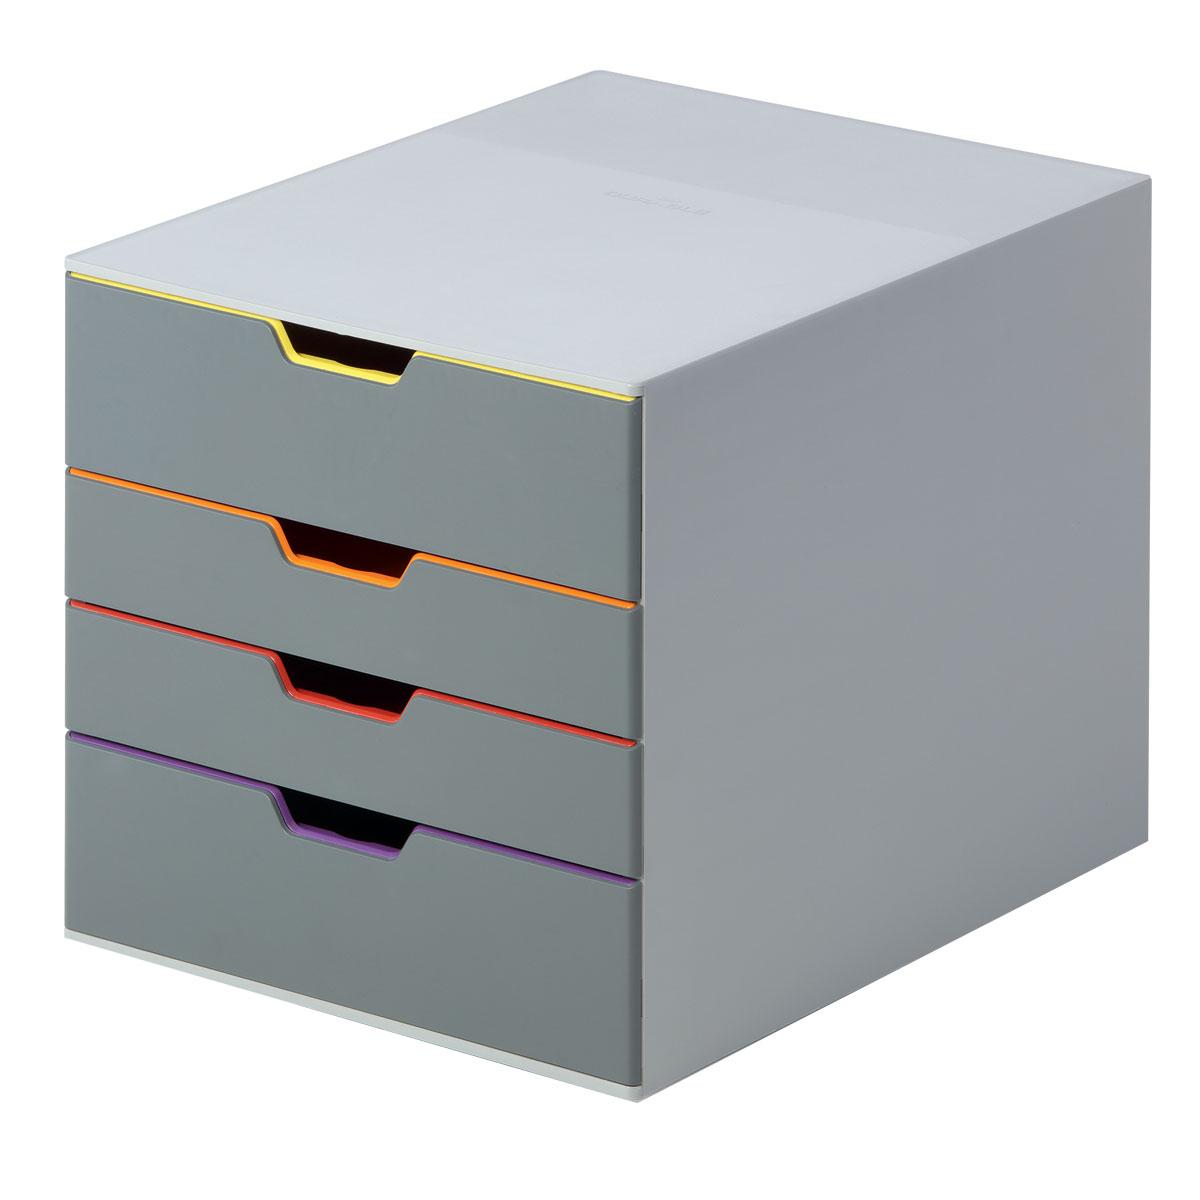 Короб для документов Durable Varicolor. 7604-271004900000360Стильный короб для документов с 4 выдвижными цветными ящичками Durable Varicolor выполнен из высококачественного пластика. Боксы можно устанавливать друг на друга, фиксируются при помощи резиновых ножек. Широкие лотки для удобного хранения большого количества документов.Выдвижные ящички выполнены в разных цветах, что позволяет группировать документы по тематикам и быстро их находить. Подходят для форматов А4, С4, Folio.Бокс оснащен стопорами, которые не позволяют выпасть лоткам при резком открывании, а также съемными табуляторами для маркировки. Не скользит даже на самых гладких поверхностях благодаря силиконовым ножкам.